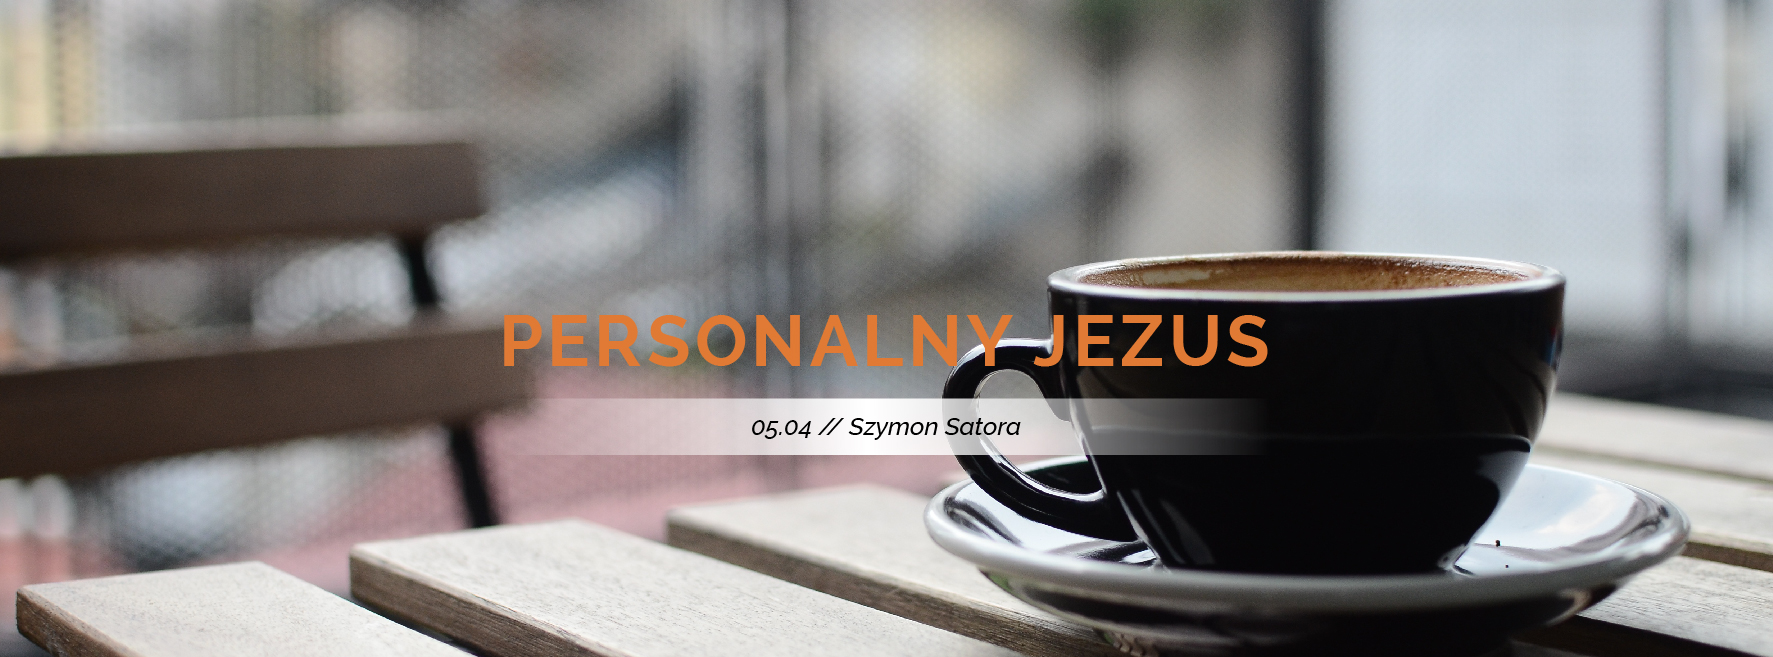 Personalny Jezus